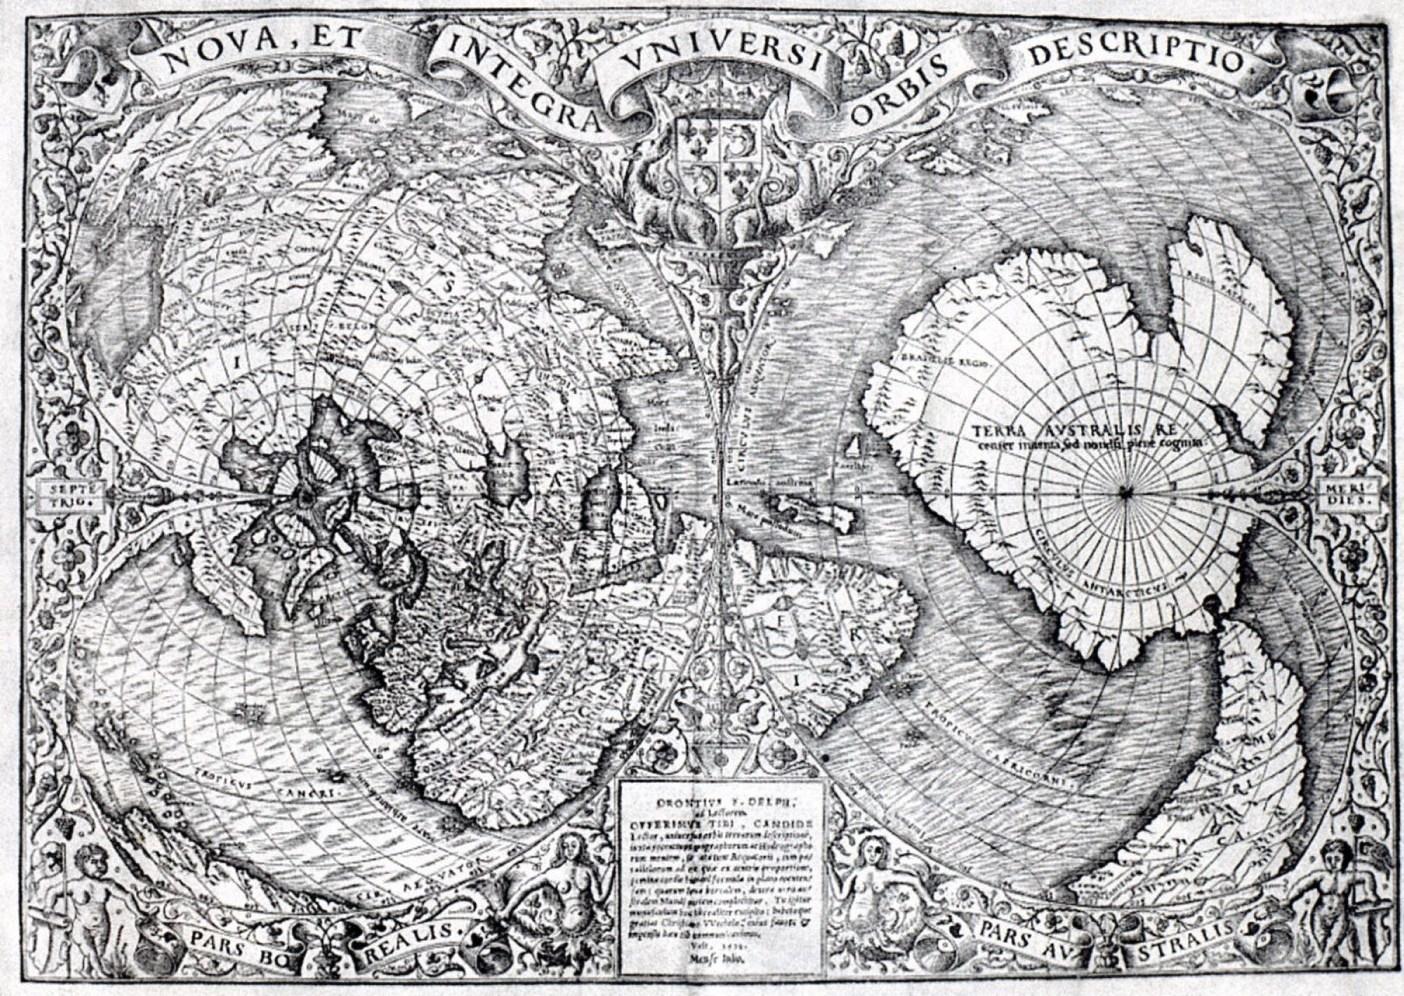 奧倫提烏斯・費納烏斯世界地圖(1531年繪製)。(維基百科)